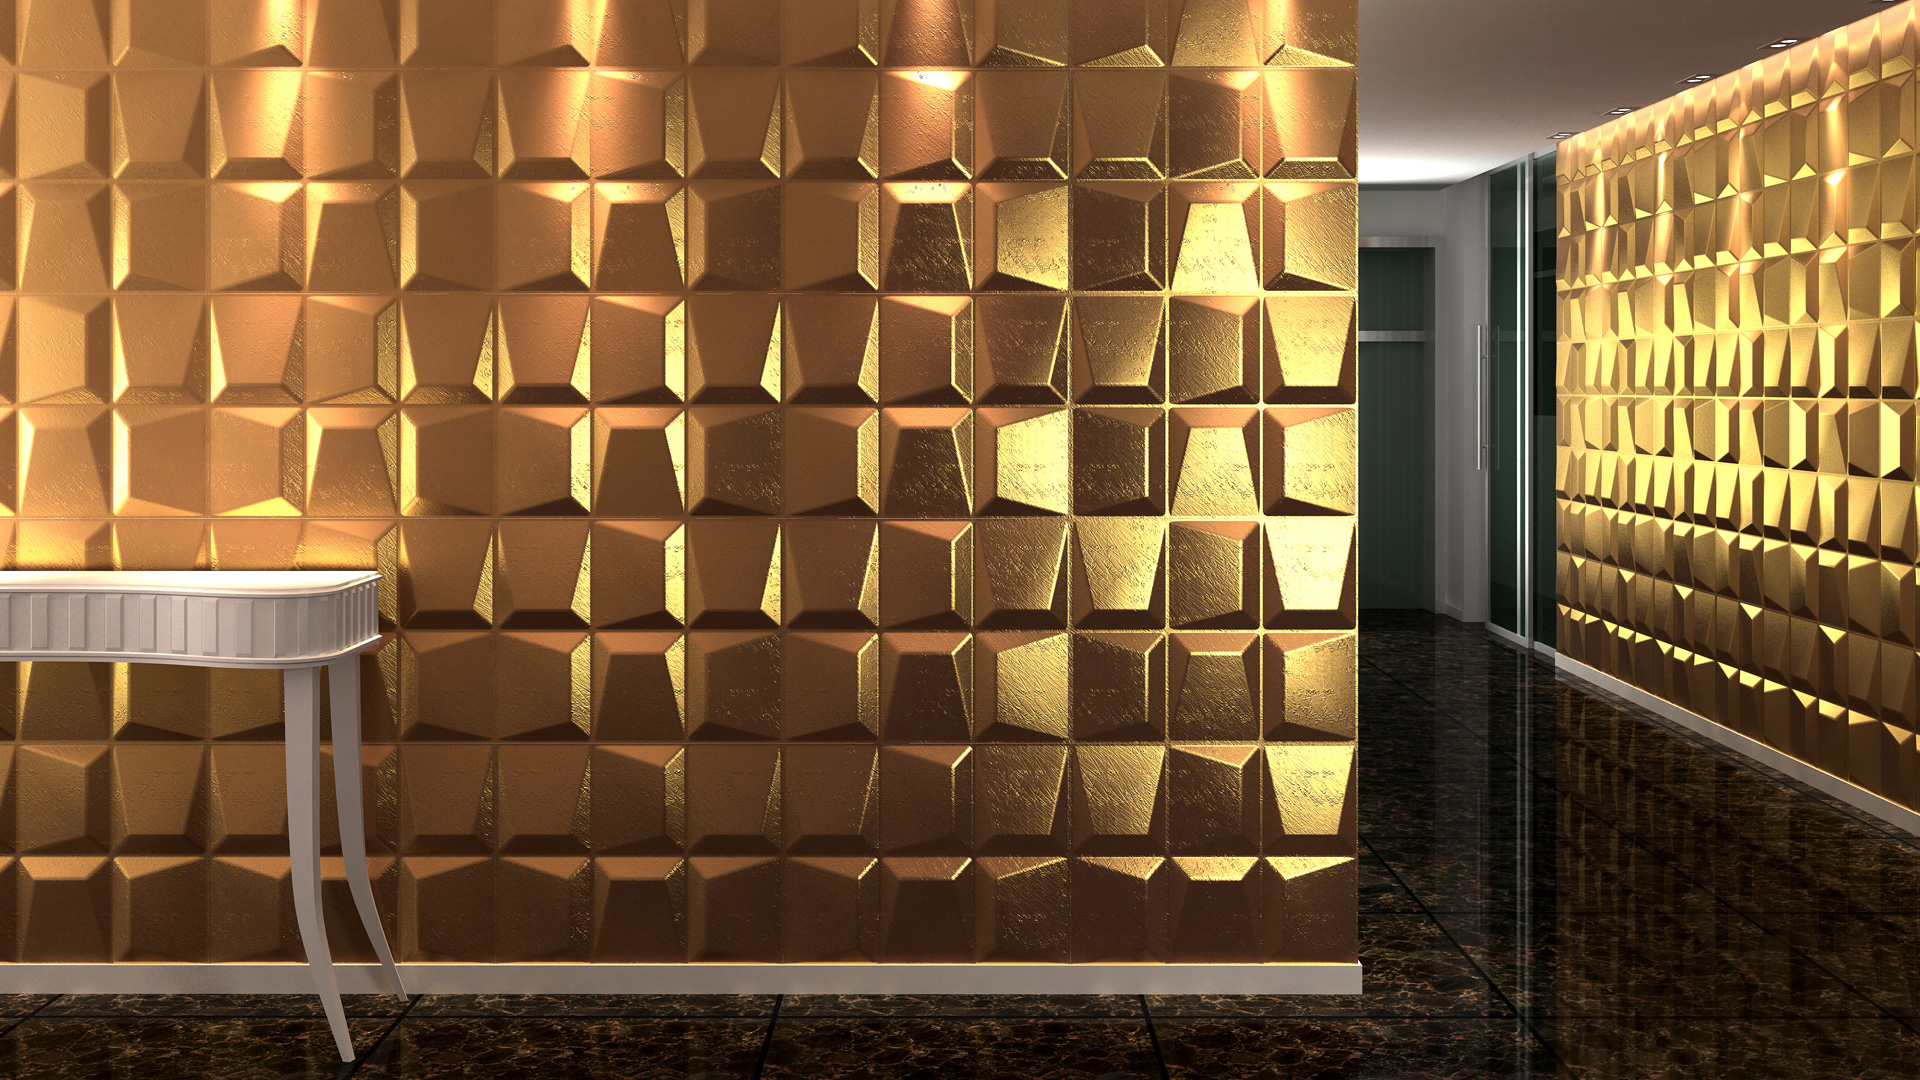 3D Wandpaneele - Produkte - Mosaics - Deckenpaneele - 3D Tapeten - Wandverkleidung